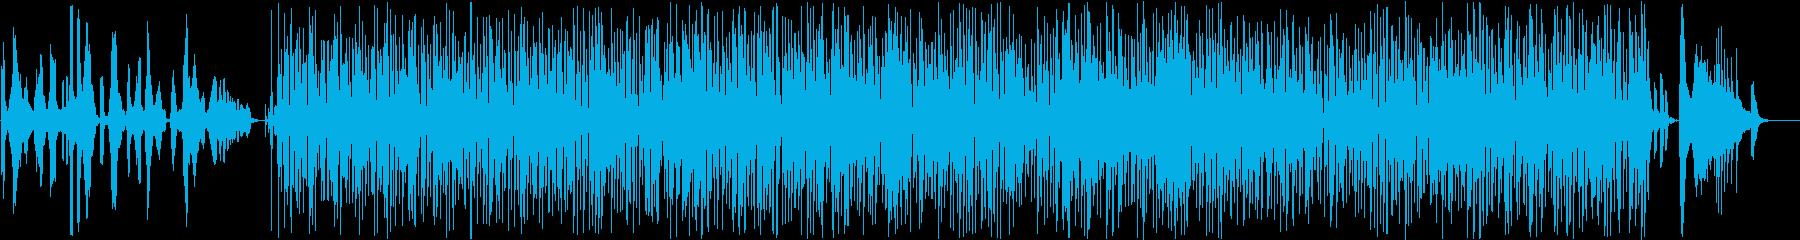 フランス・パリのアコーディオン・ジャズの再生済みの波形